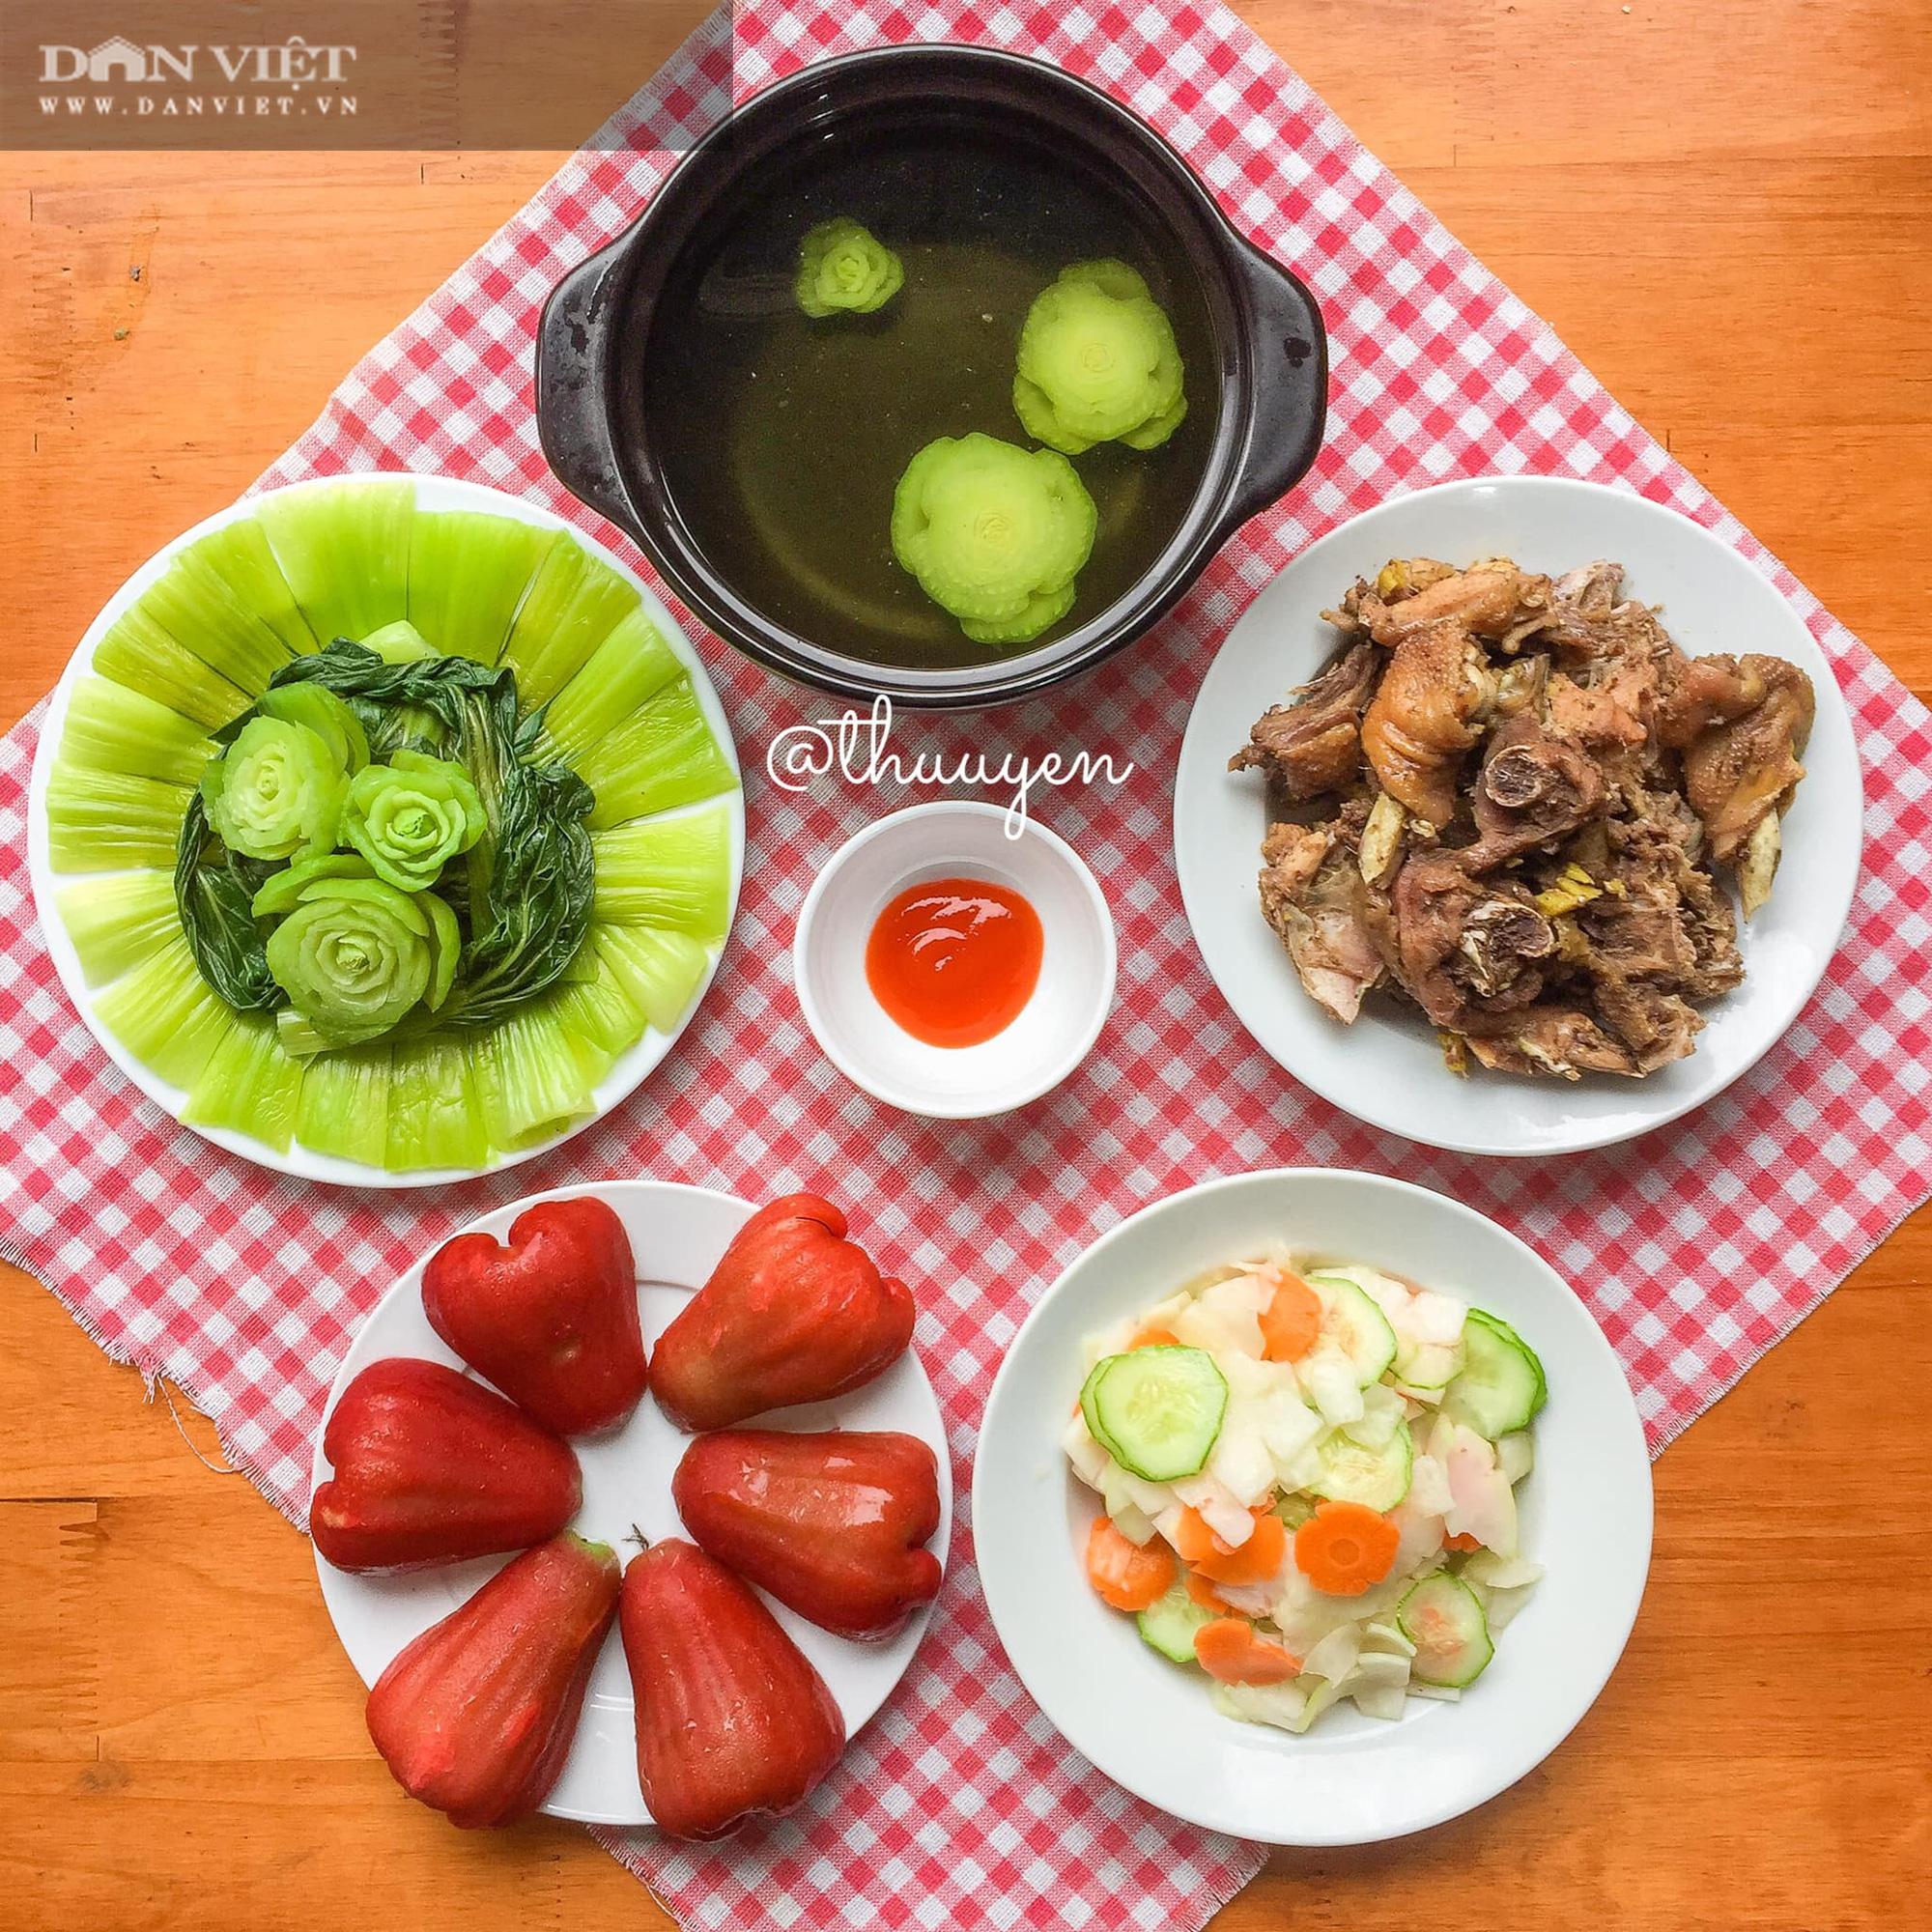 Gợi ý 9 thực đơn cho bữa cơm gia đình xua tan cái nóng của mùa hè - Ảnh 2.